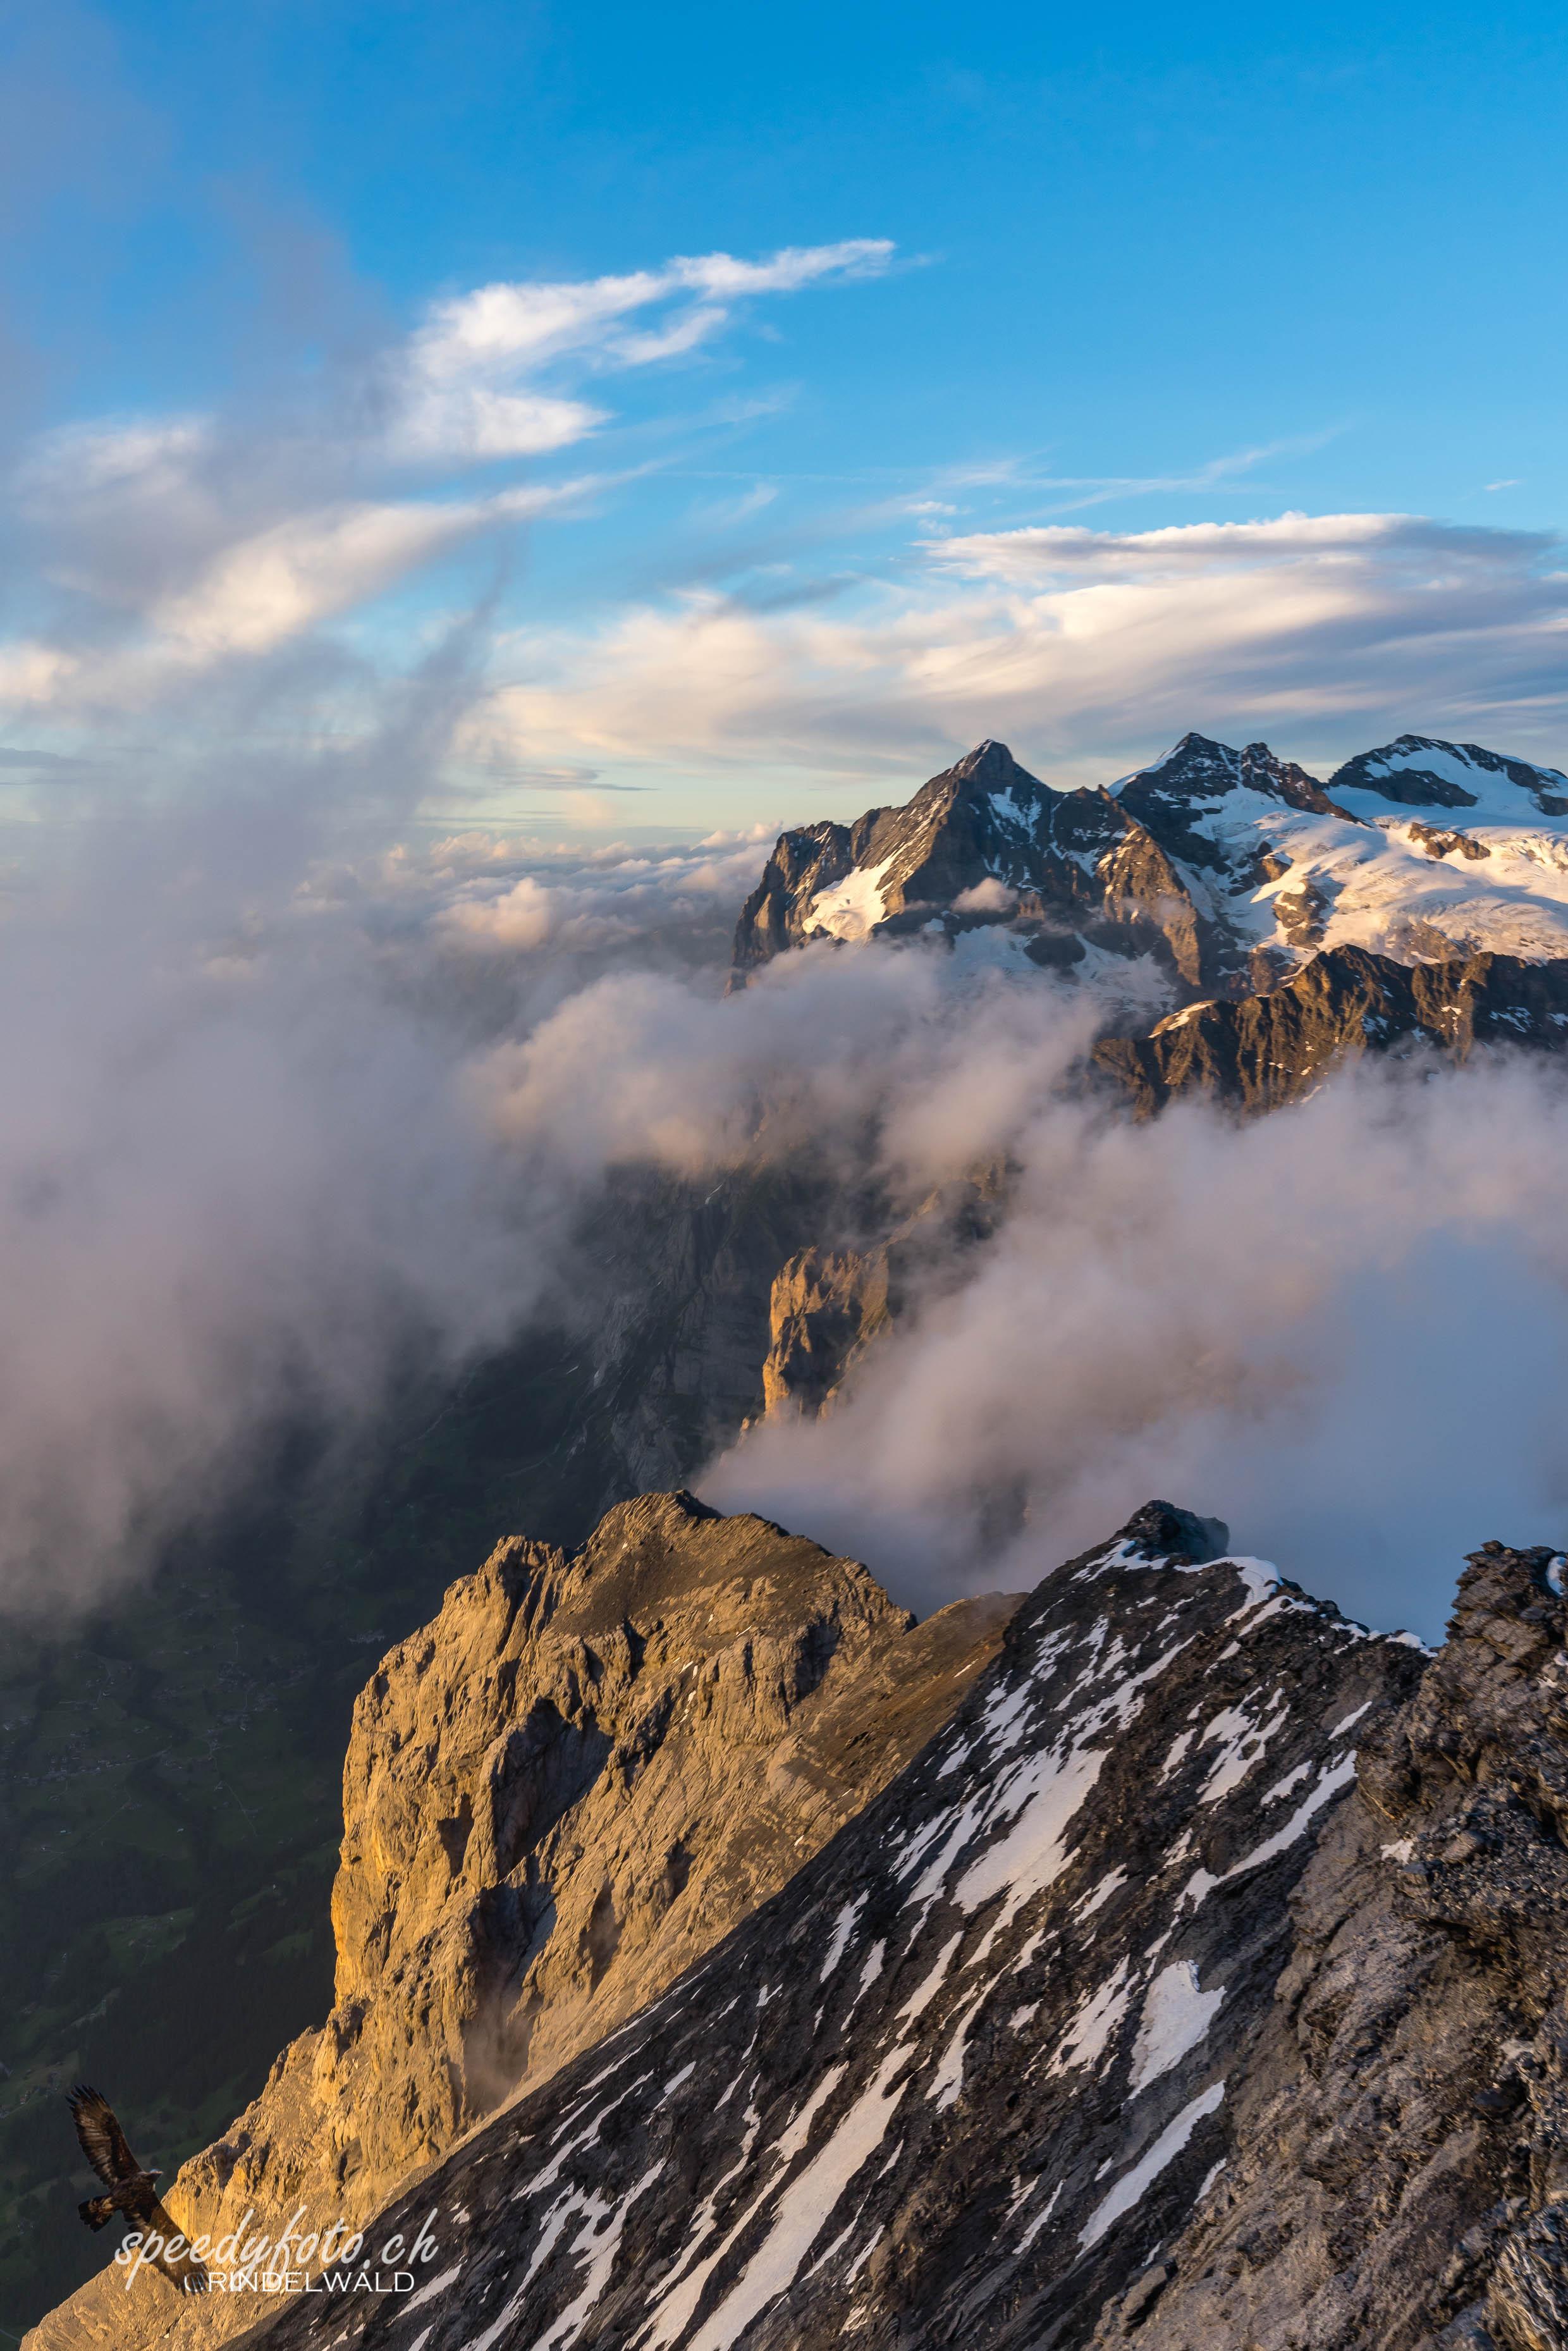 Wetterhorn - Hausberg von Grindelwald